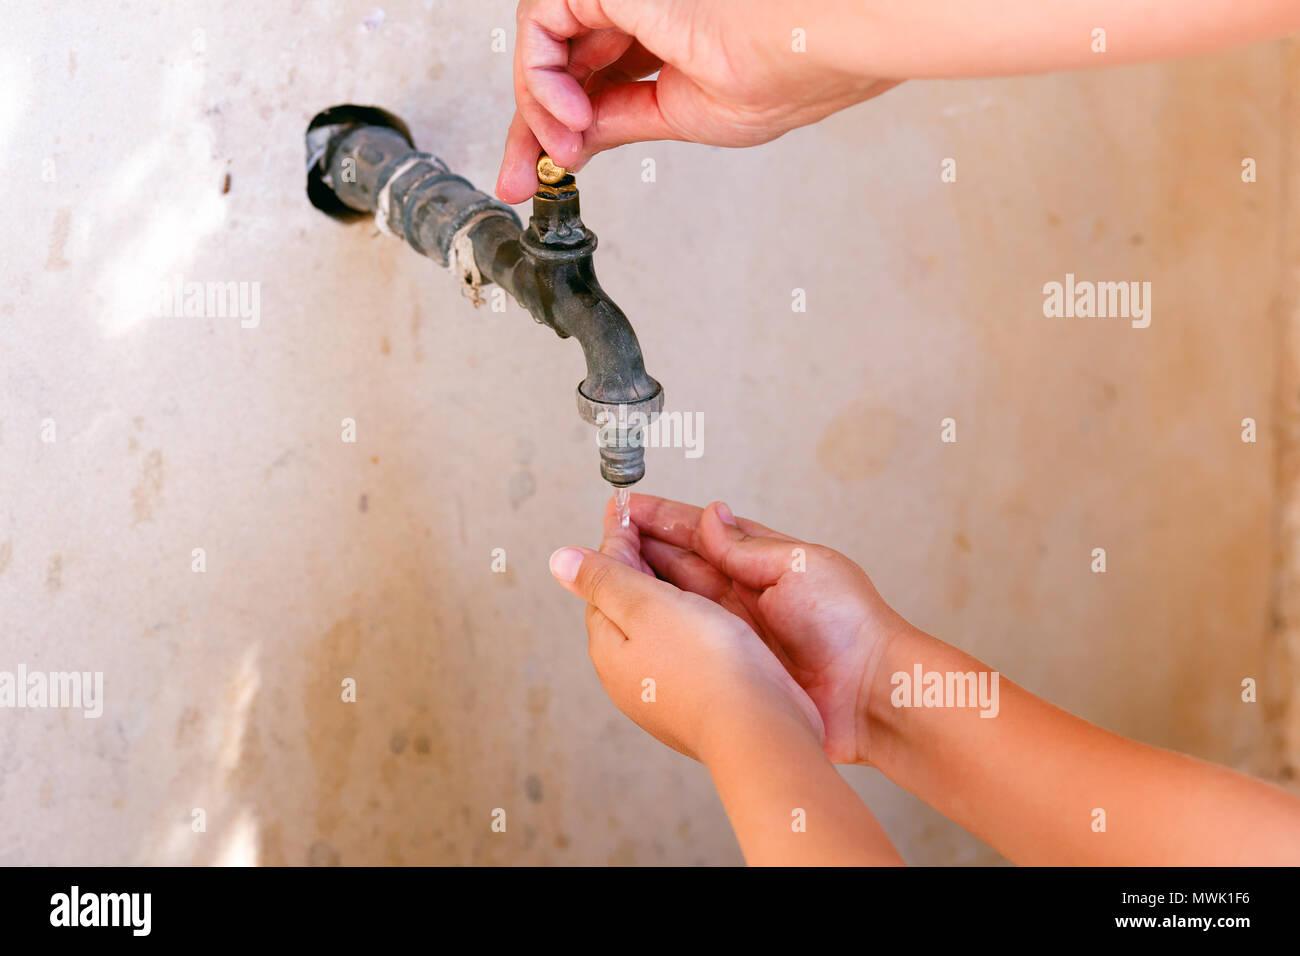 Grifo de agua abierto mano de mujer y niño lavándose las manos. Close-up. Imagen De Stock